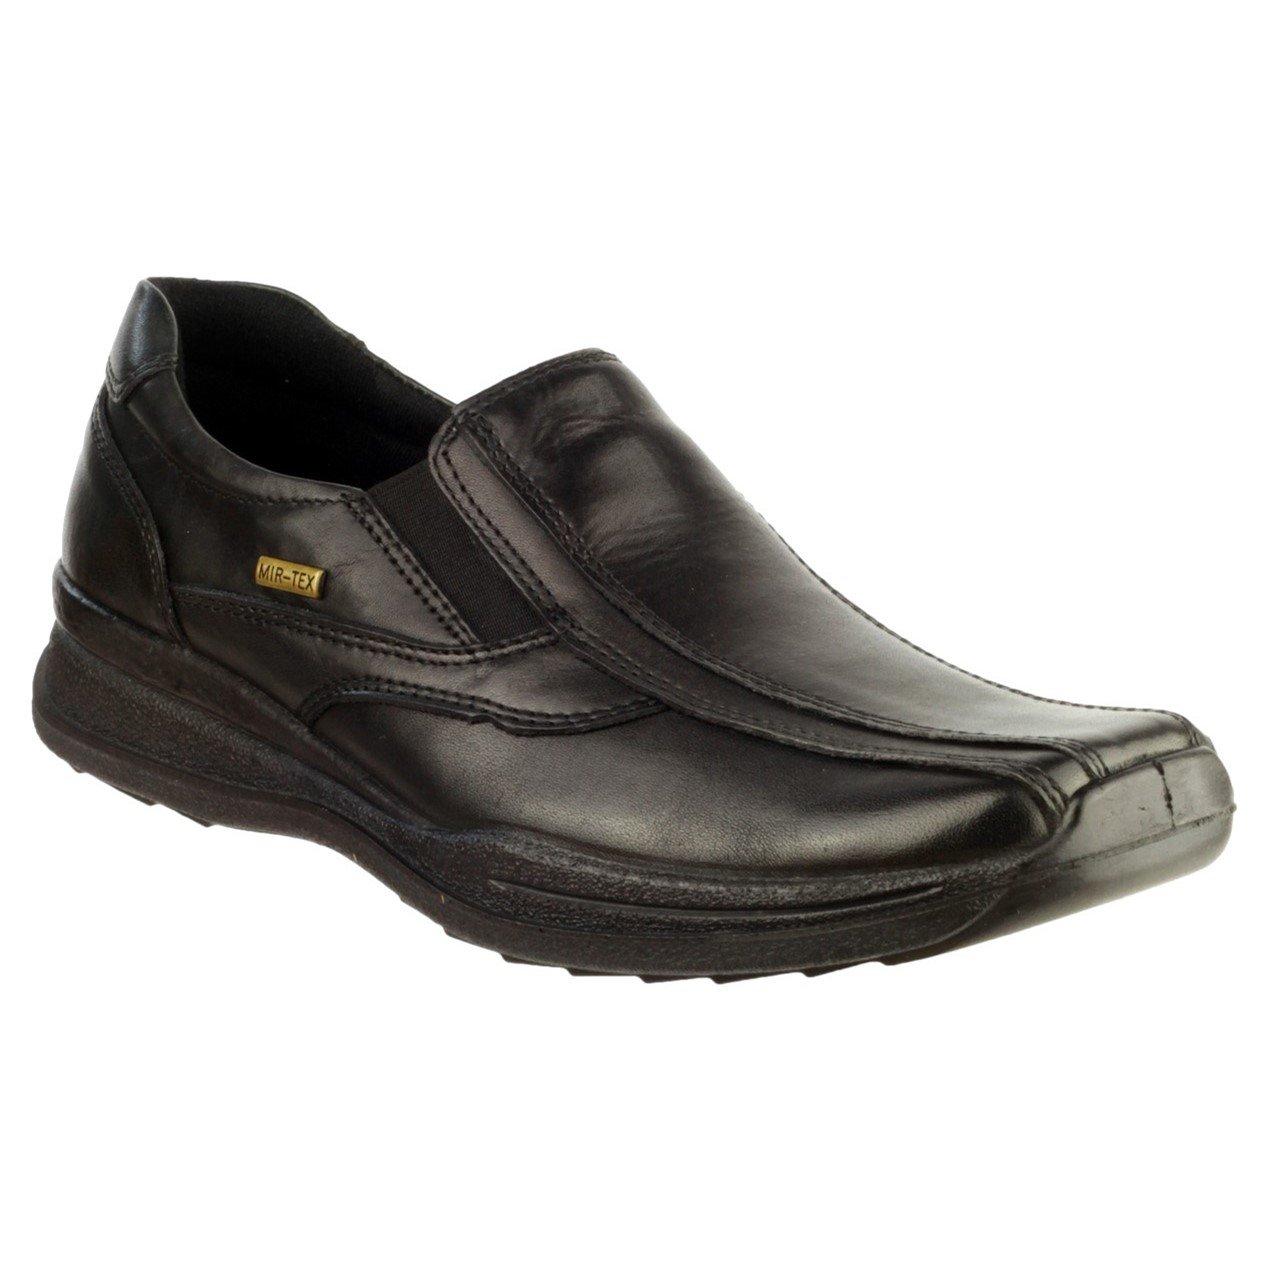 Cotswold Men's Naunton 2 Casual Shoe Various Colours 32969 - Black 9